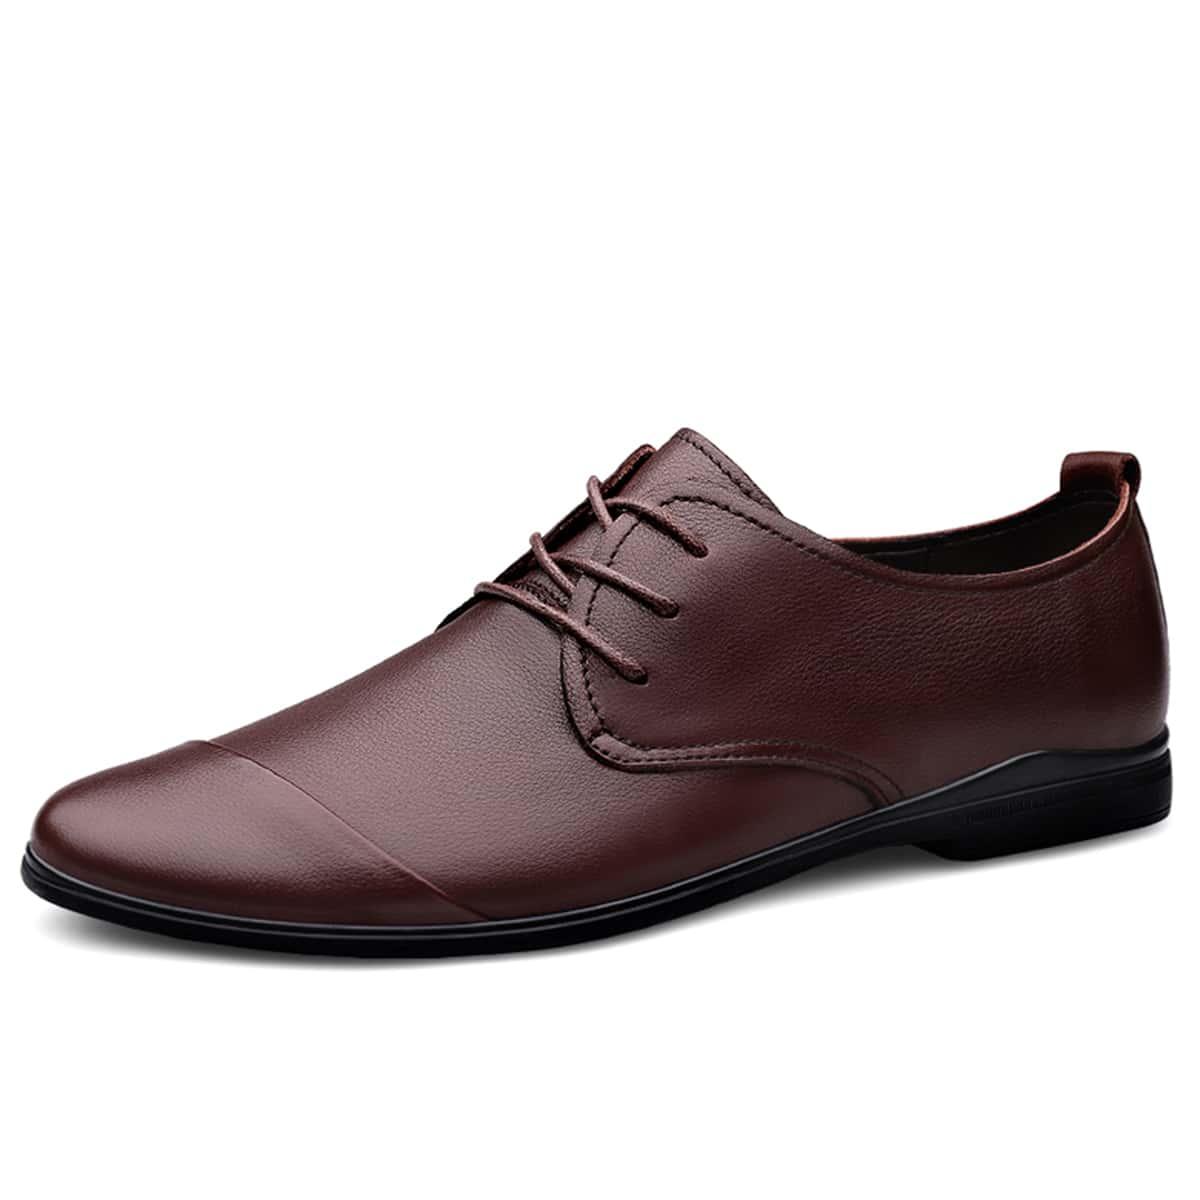 Мужские официальные туфли на шнурках